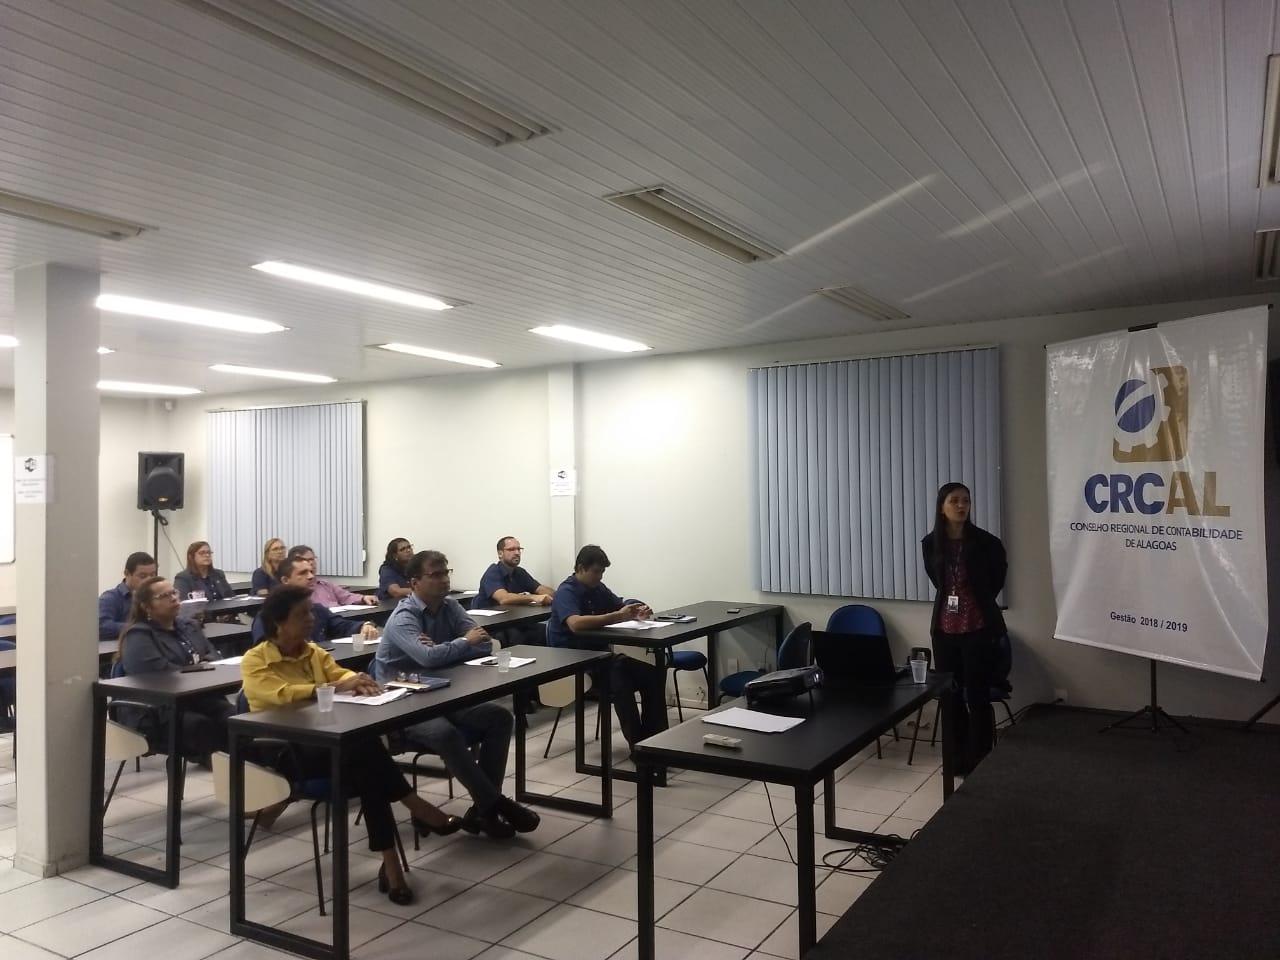 Funcionários do CRCAL recebem treinamento do CFC sobre Portal da Transparência, e-SIC e Ouvidoria